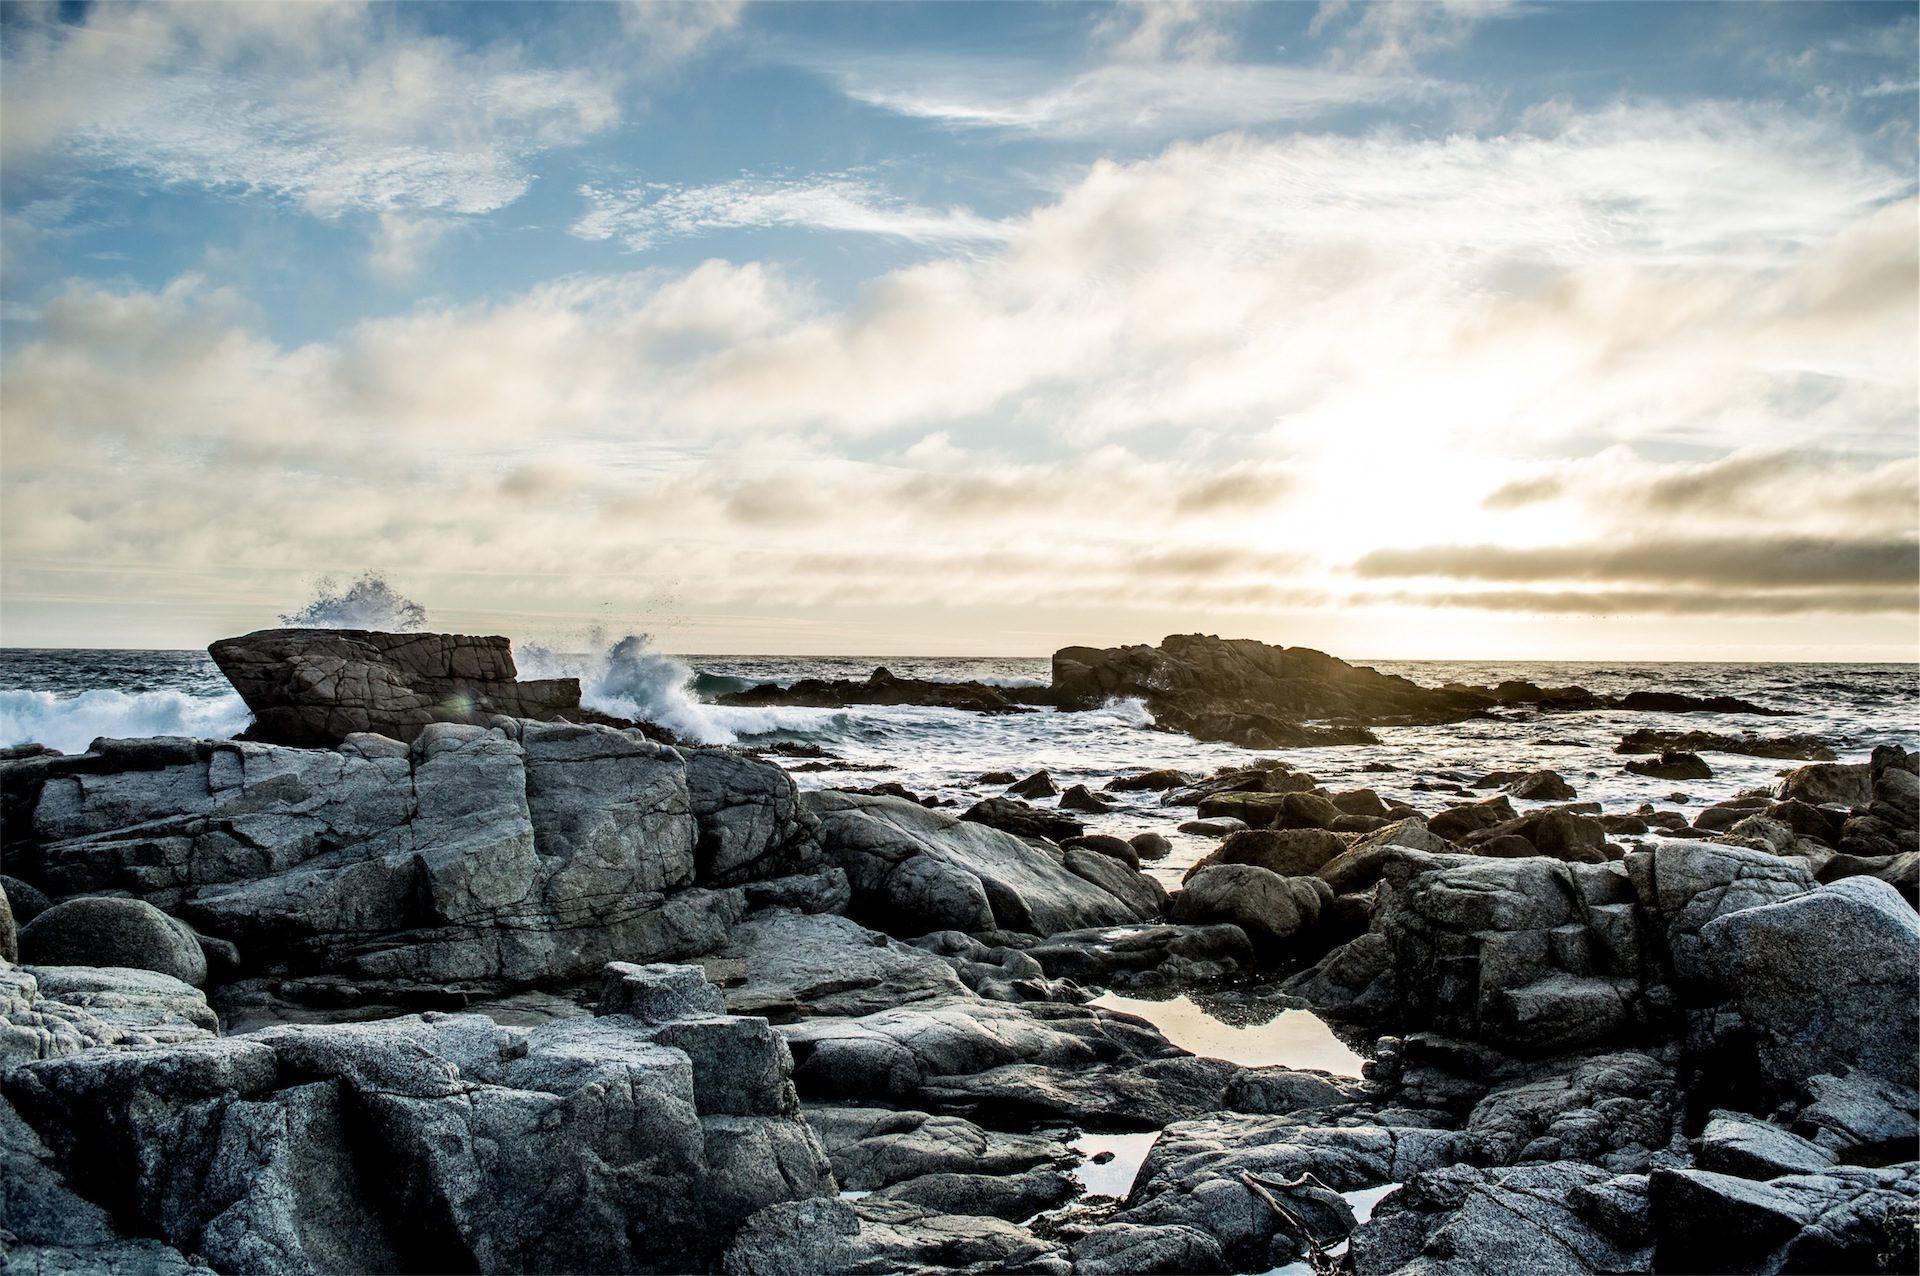 Mar, olas, pedras, oondas Céu, nuvens, Sol - Papéis de parede HD - Professor-falken.com